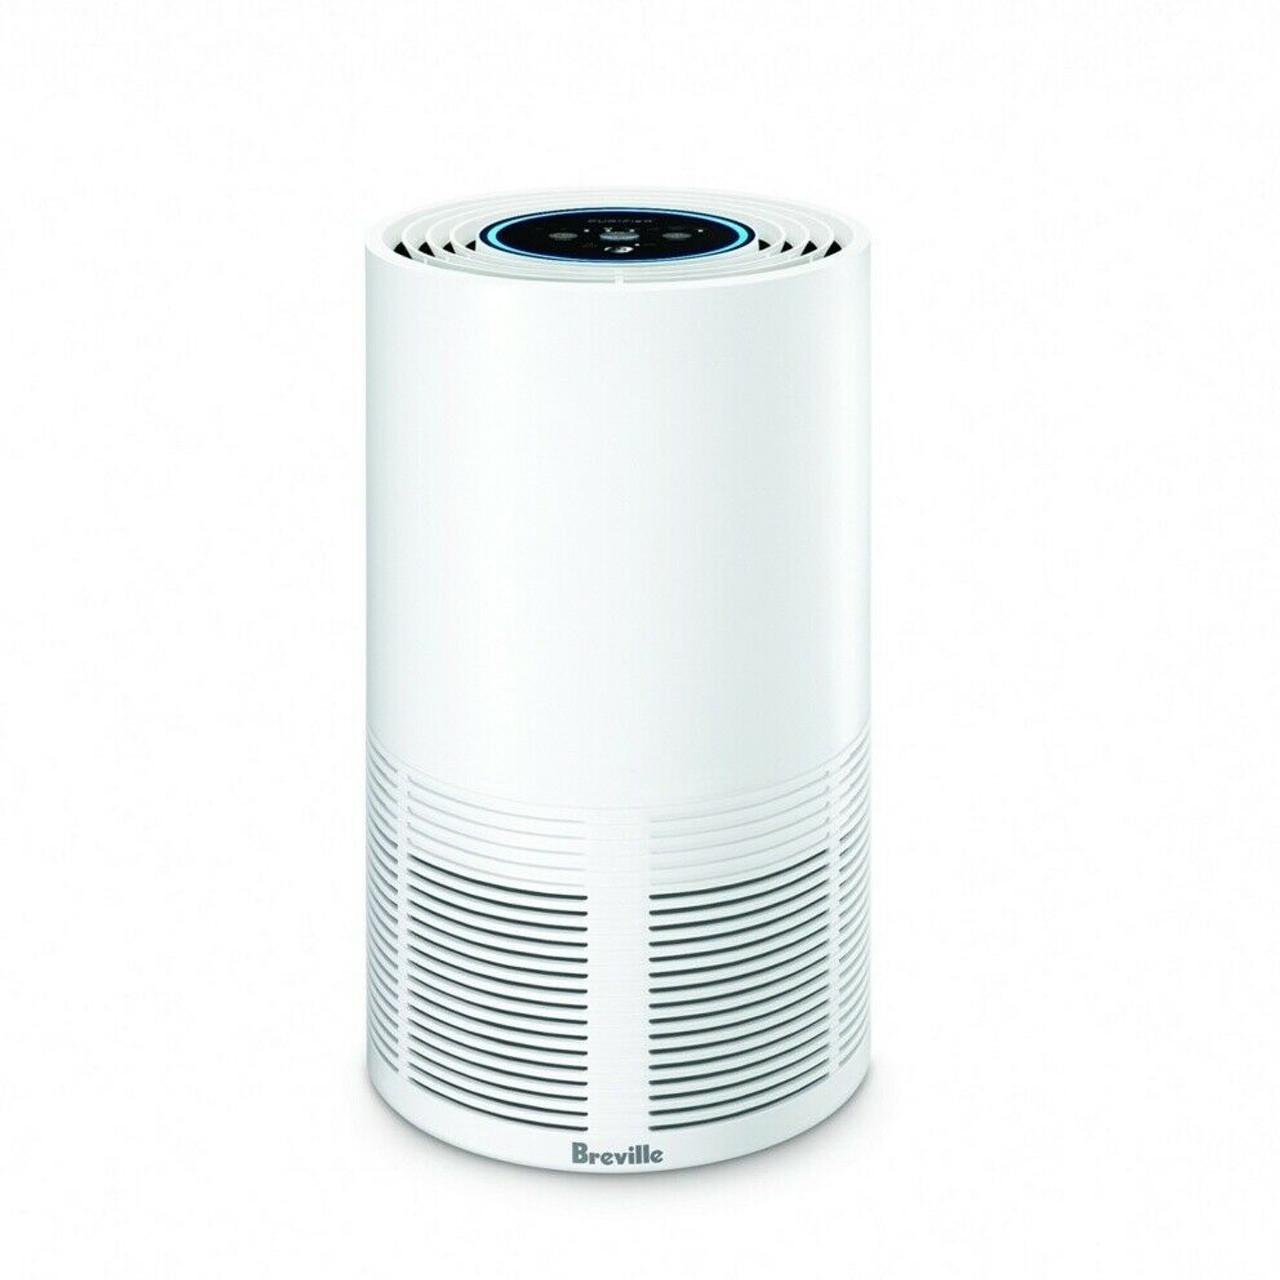 Breville LAP308WHT the Smart Air Purifier With 30 - 40m Range